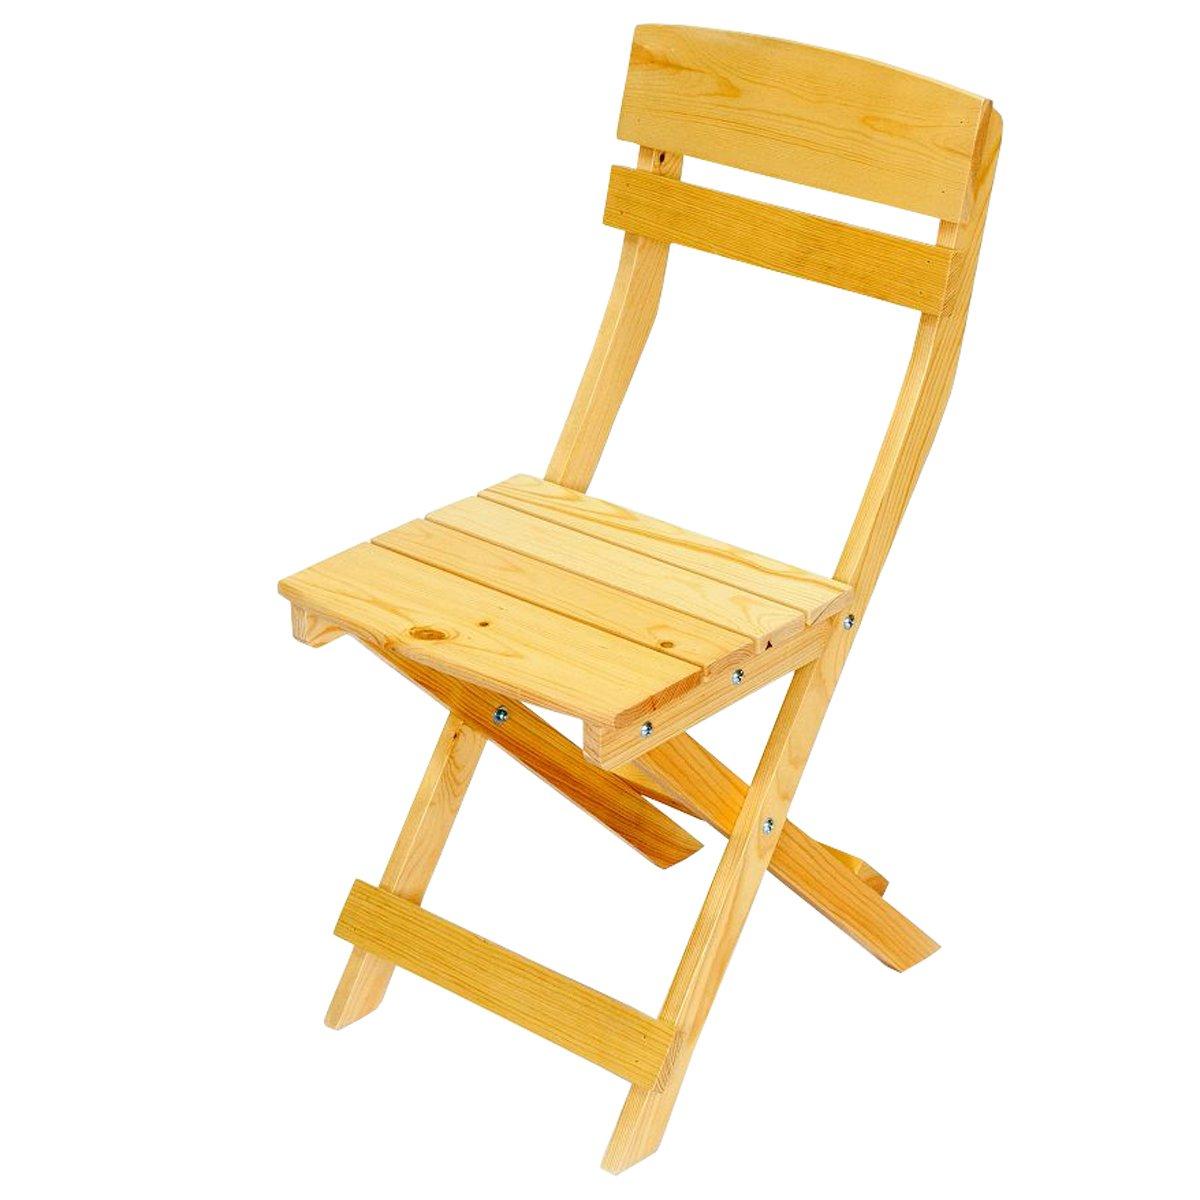 Lote de 2 sillas de jard n o terraza olbia en madera for Sillas de jardin plegables